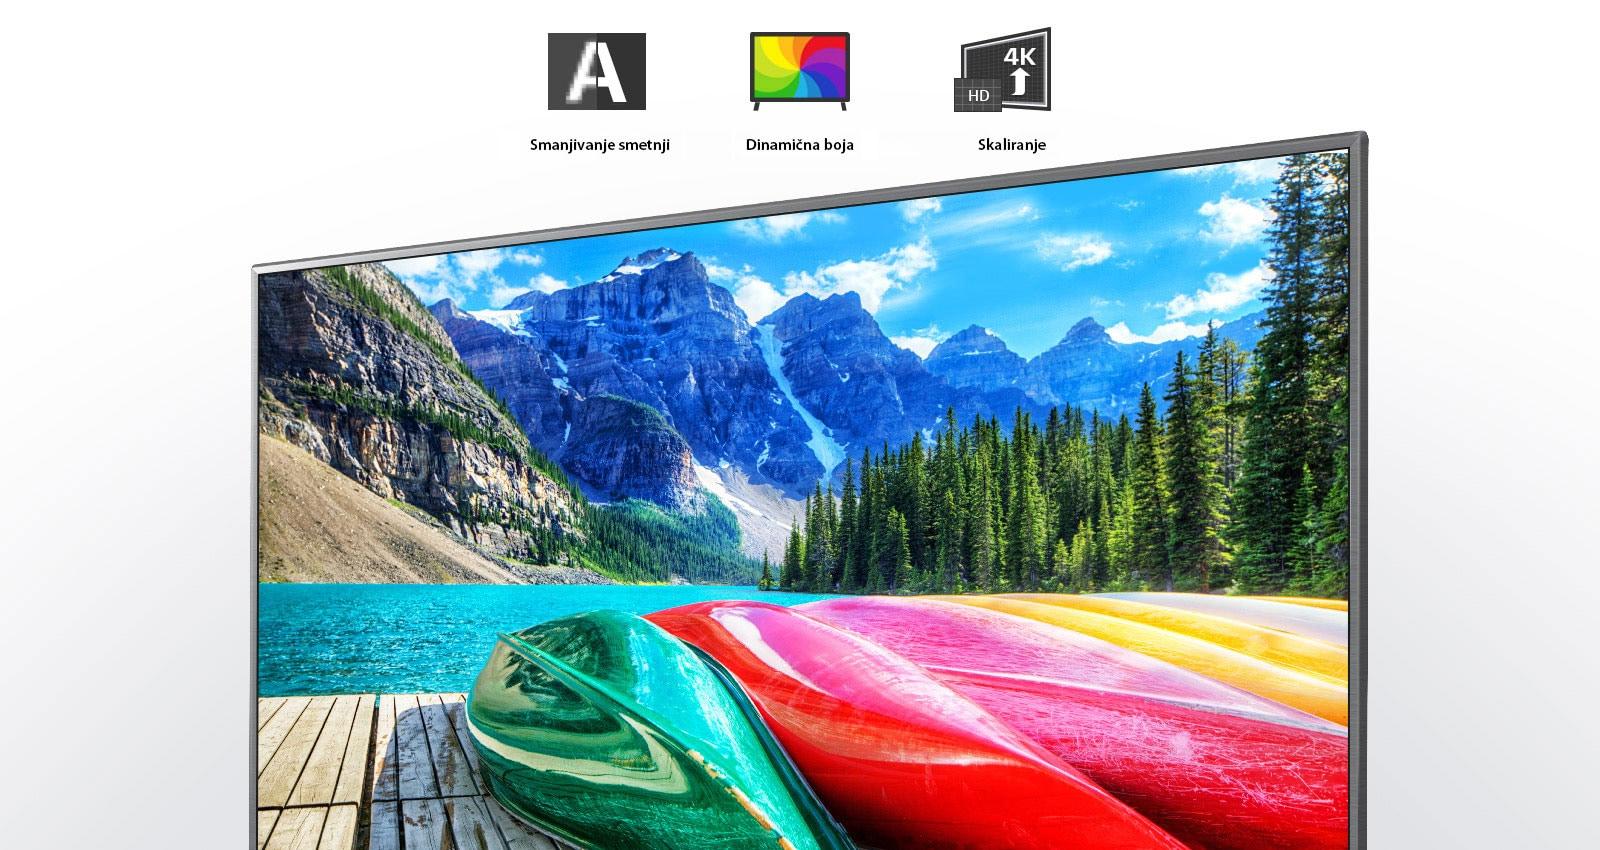 Smanjivanje smetnji, dinamična boja i ikone za skaliranje, uz zaslon televizora koji prikazuje panoramsku fotografiju planina, šume i jezera.